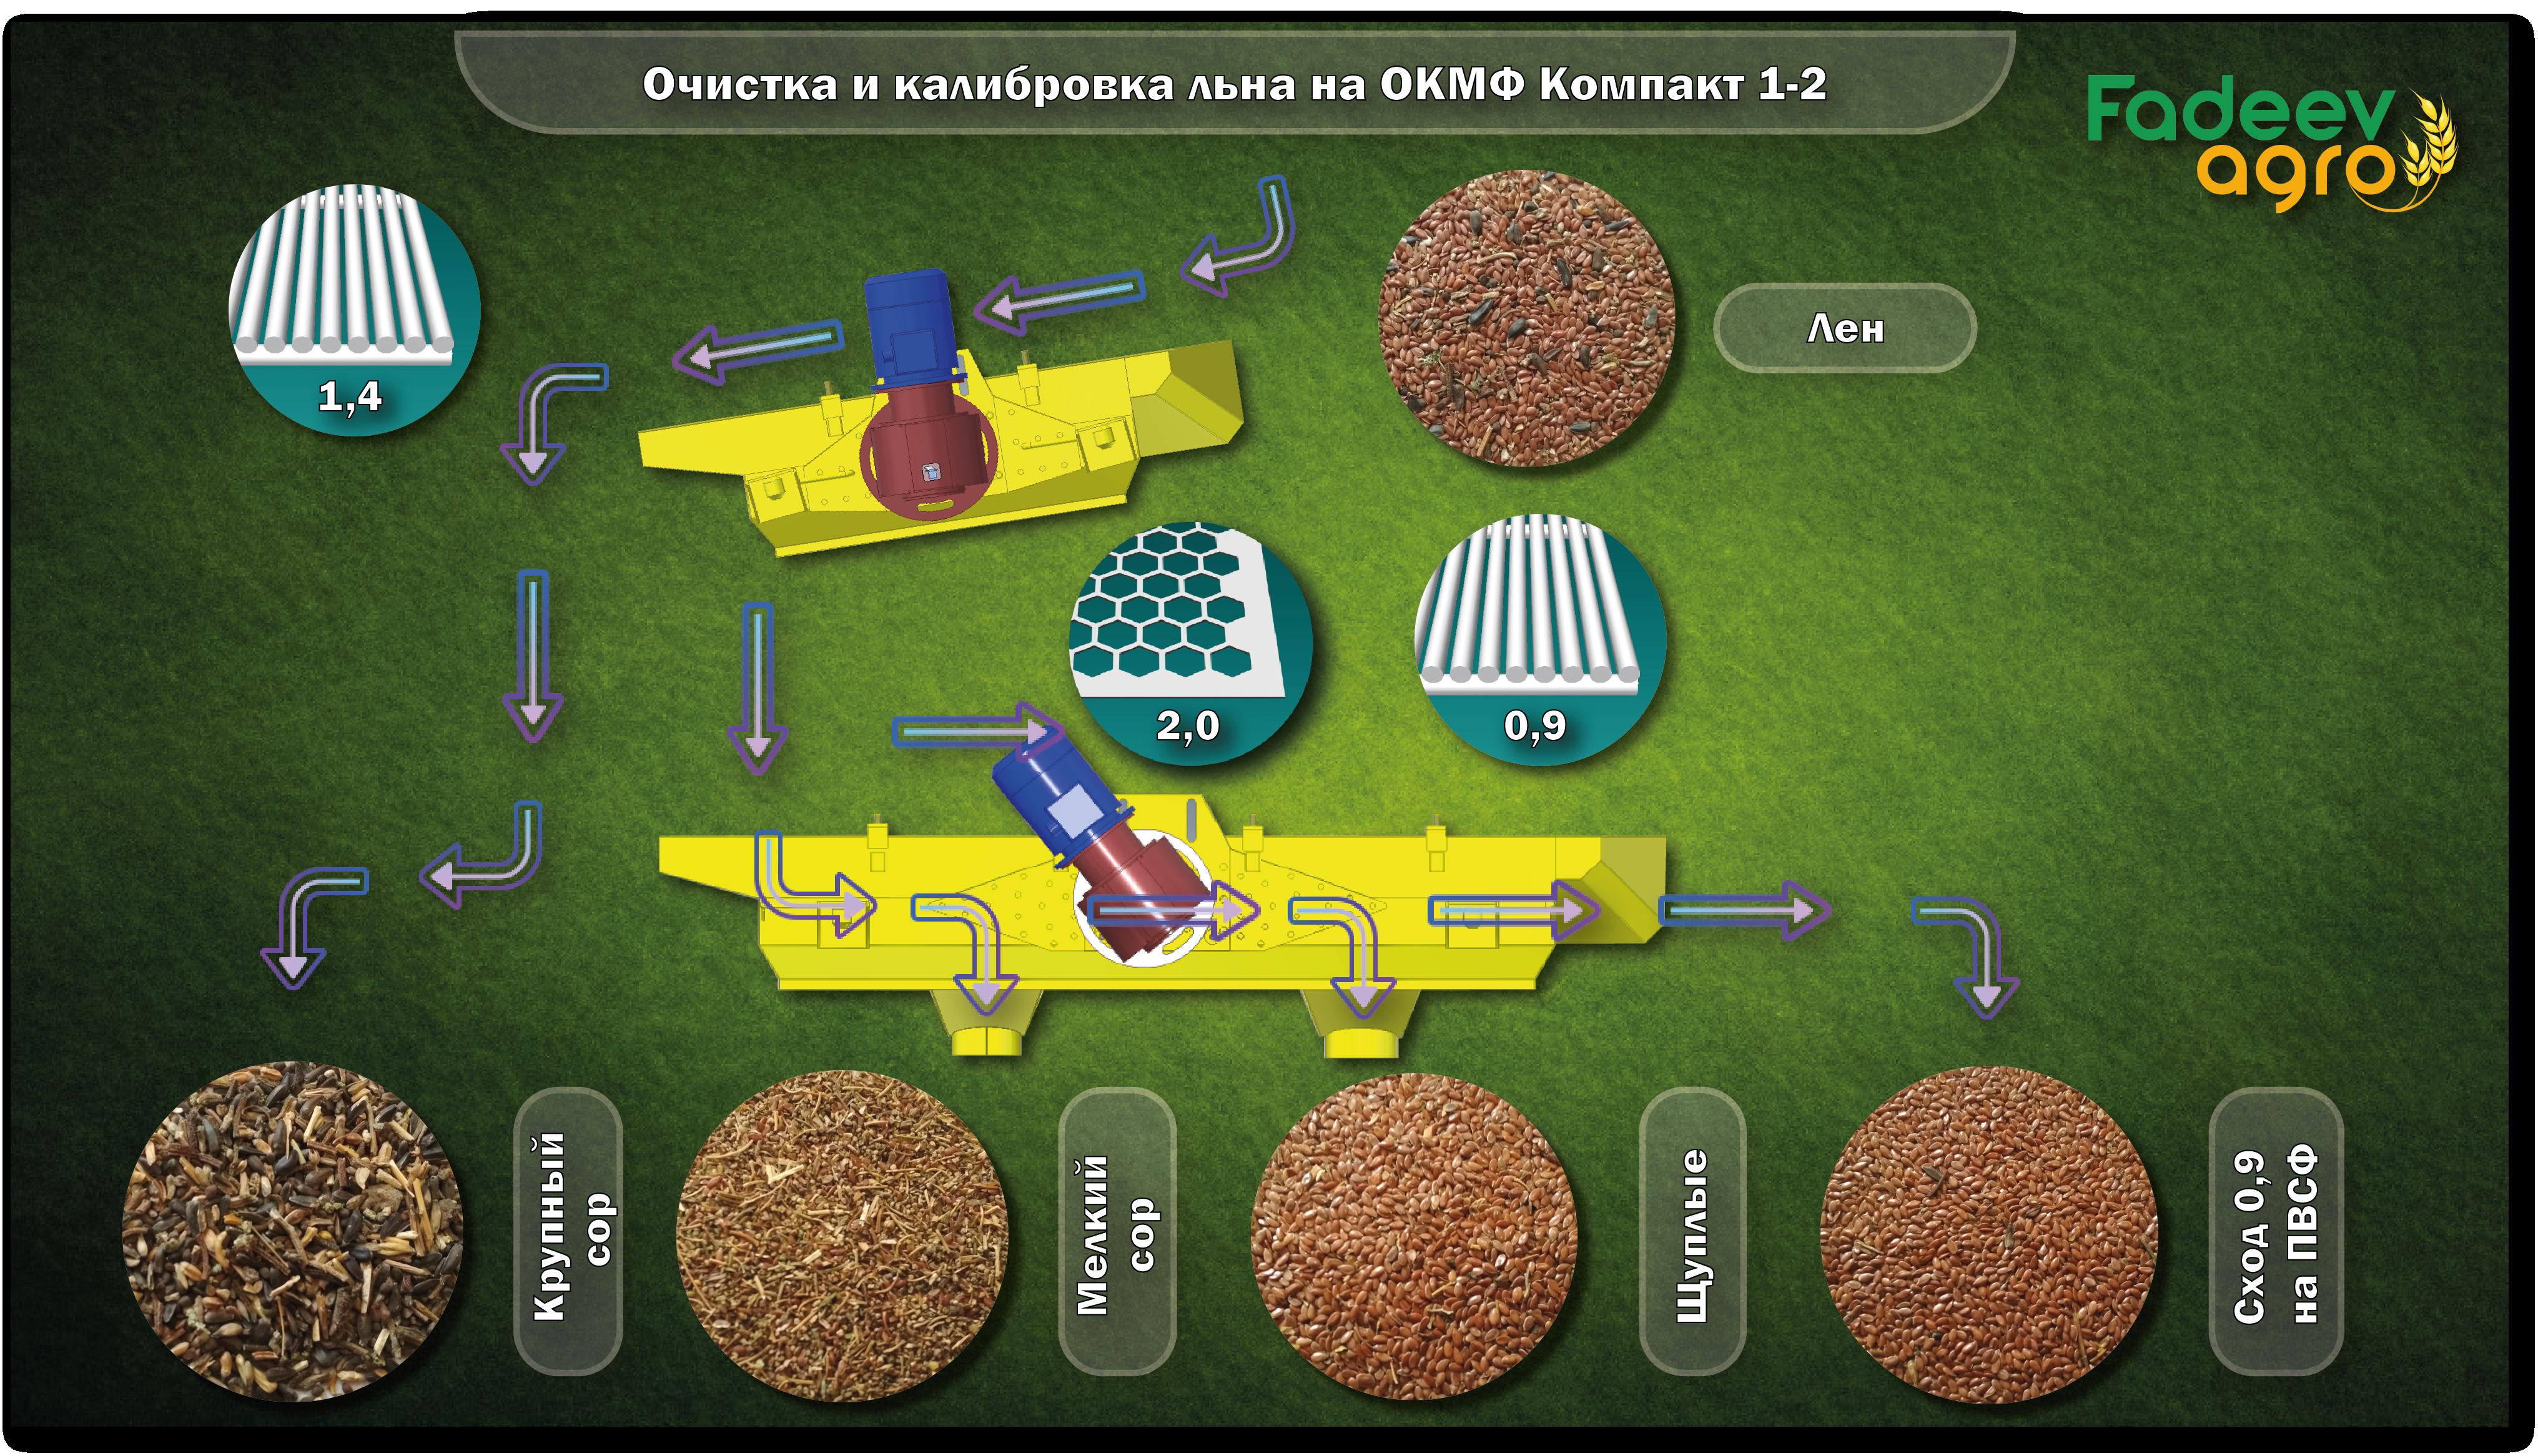 Очистка и калибровка семян Льна на зерноочистительной машине ОКМФ